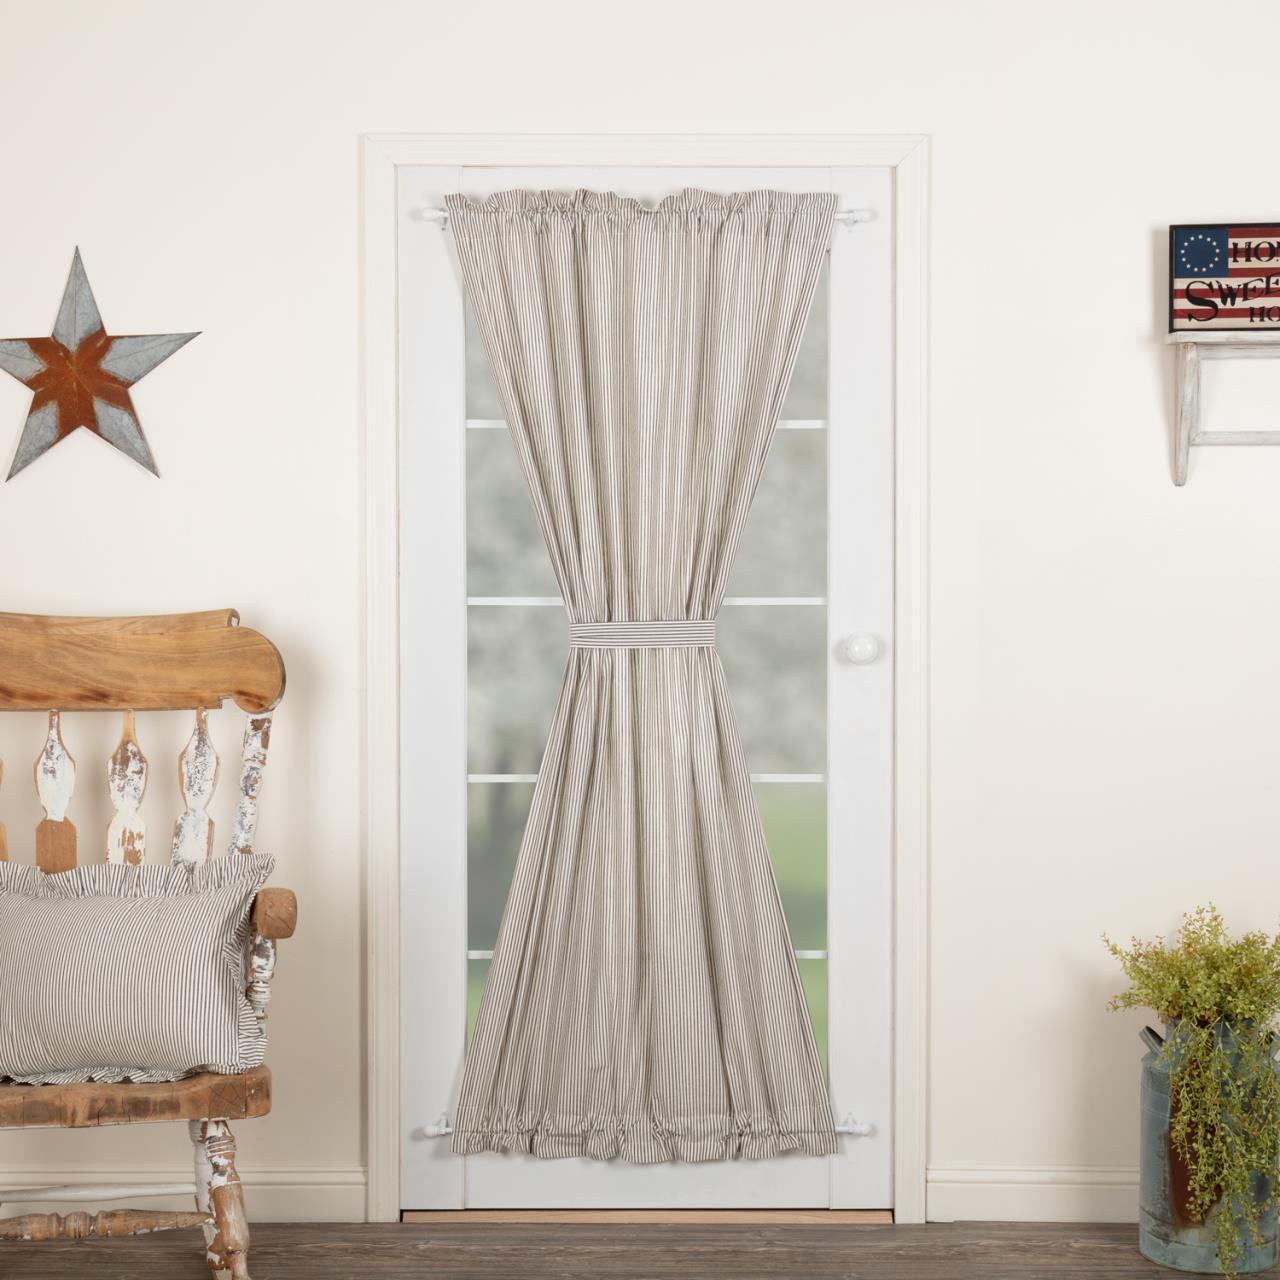 Hatteras Seersucker Blue Curtain Collection -